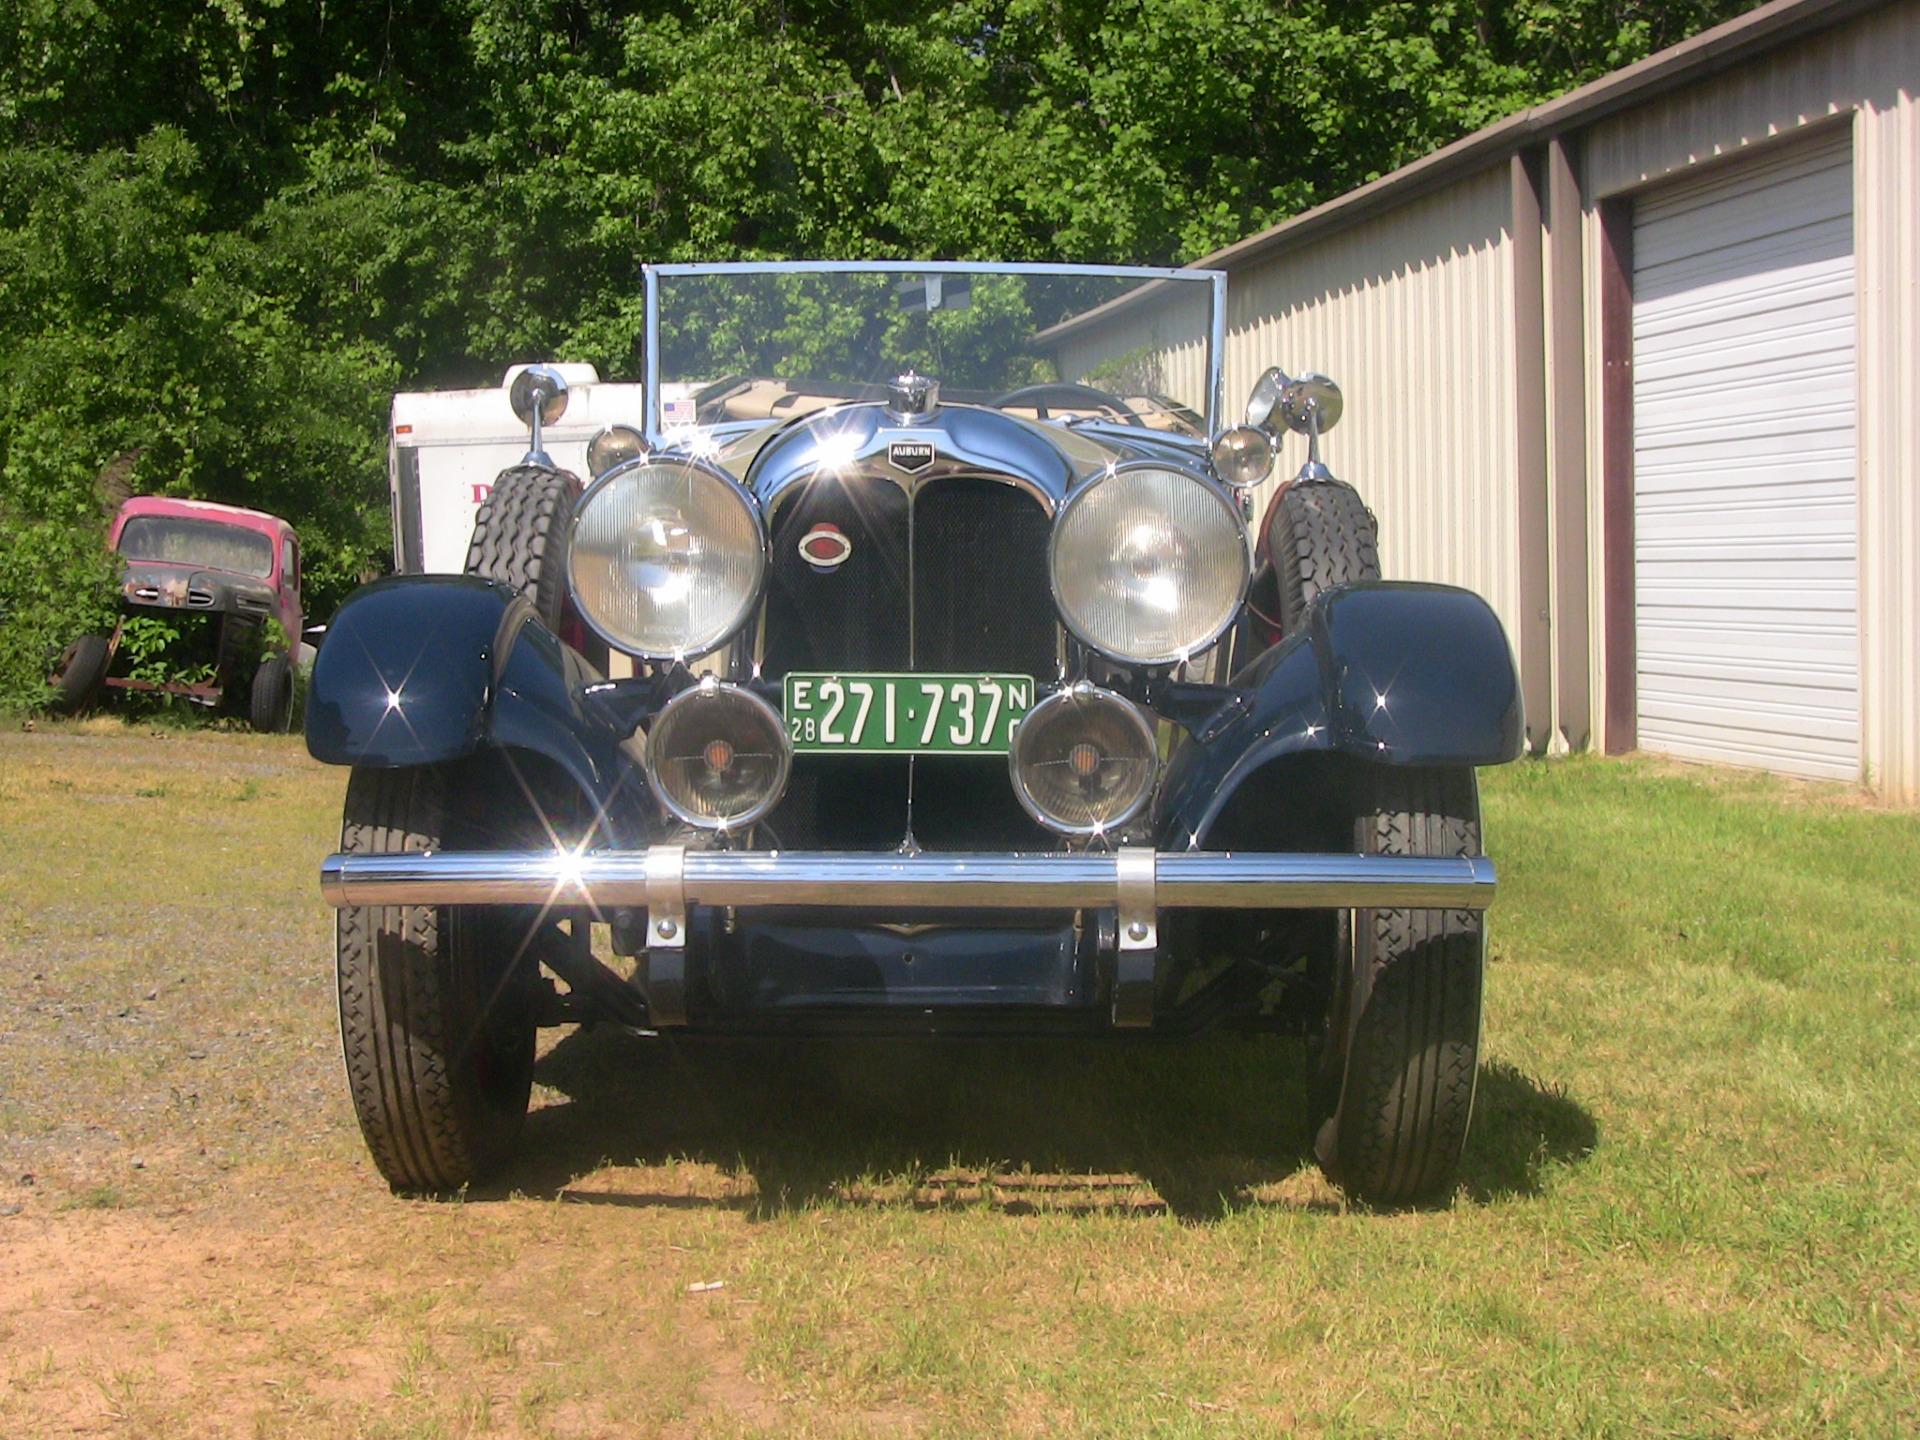 Used 1928 Auburn Phaeton Used 1928 Auburn Phaeton for sale $80,000 at Classic Lady Motors in Cornelius NC 12